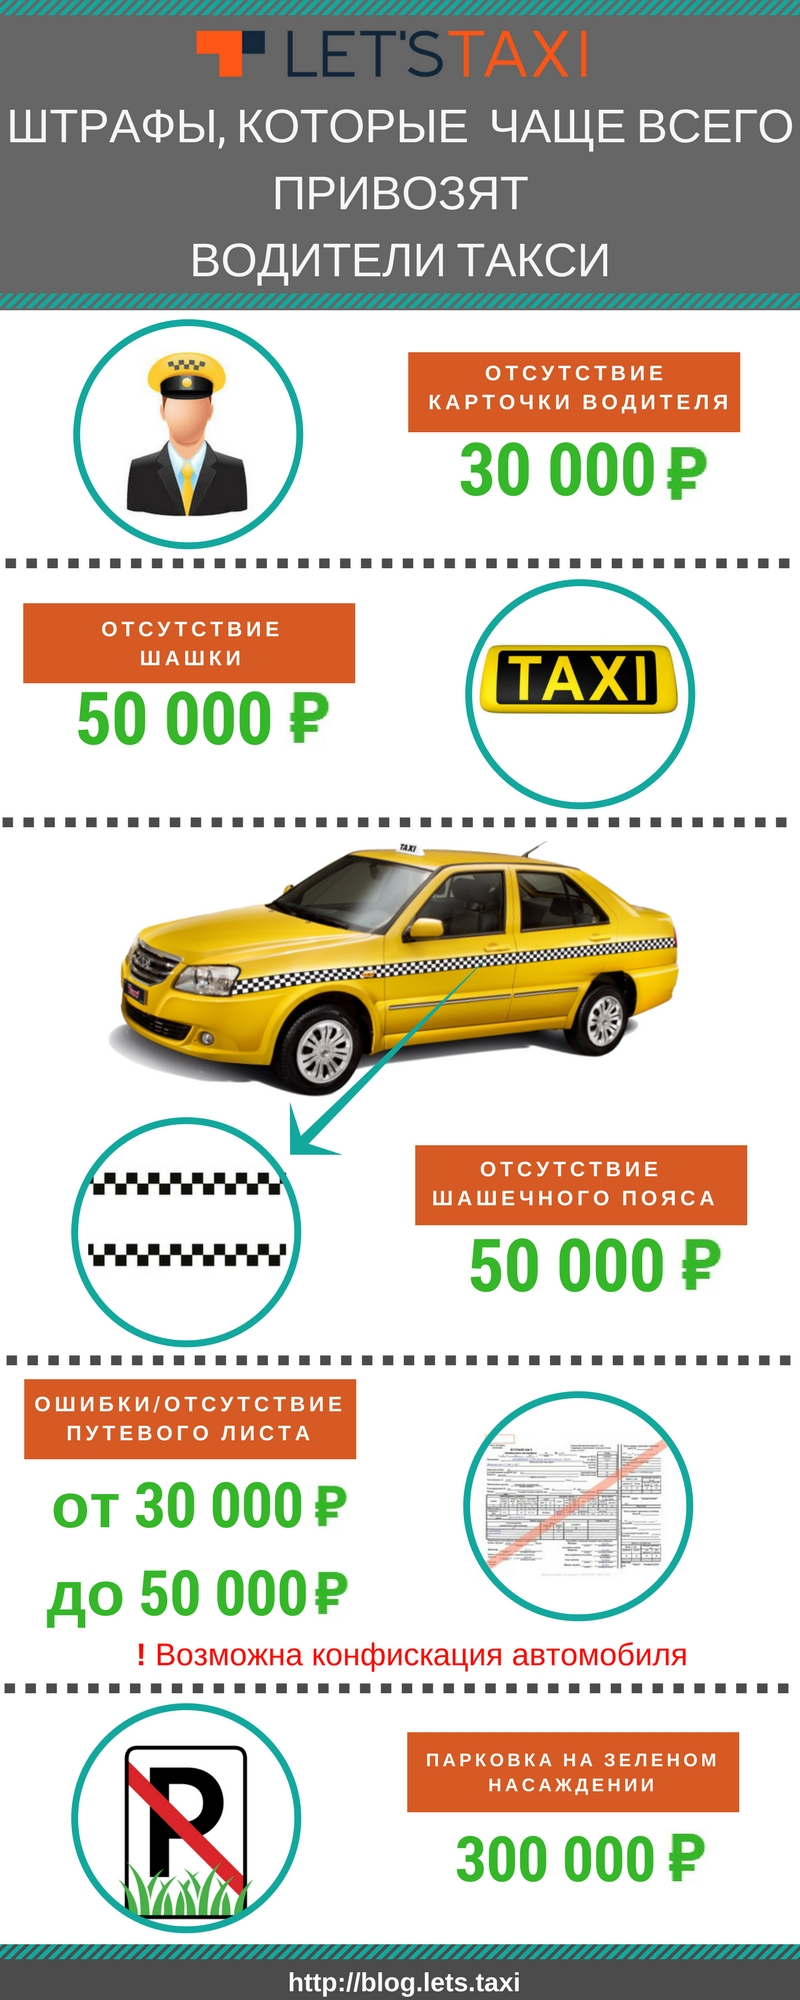 Инфографика Let`s taxi штрафы такси